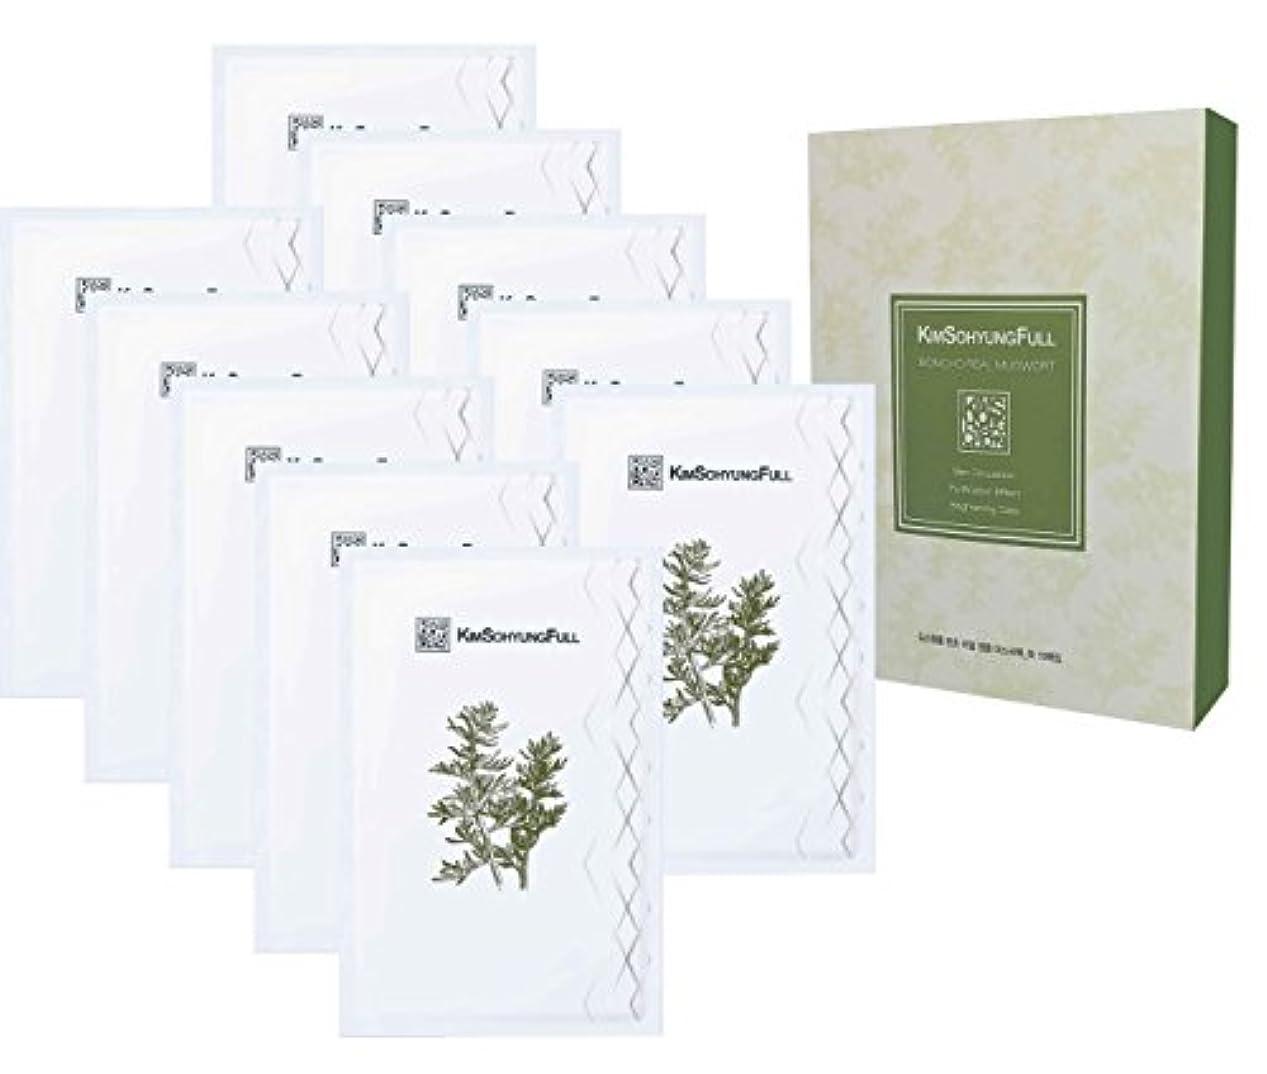 パーフェルビッド依存いつでも[ギムソヒョンフル] 本草 本物のヨモギを使ったシートマスク10枚パック -本物のヨモギの葉を8%配合、革新的な3層式の100%天然植物由来シート、23ml / 0.77液体オンス